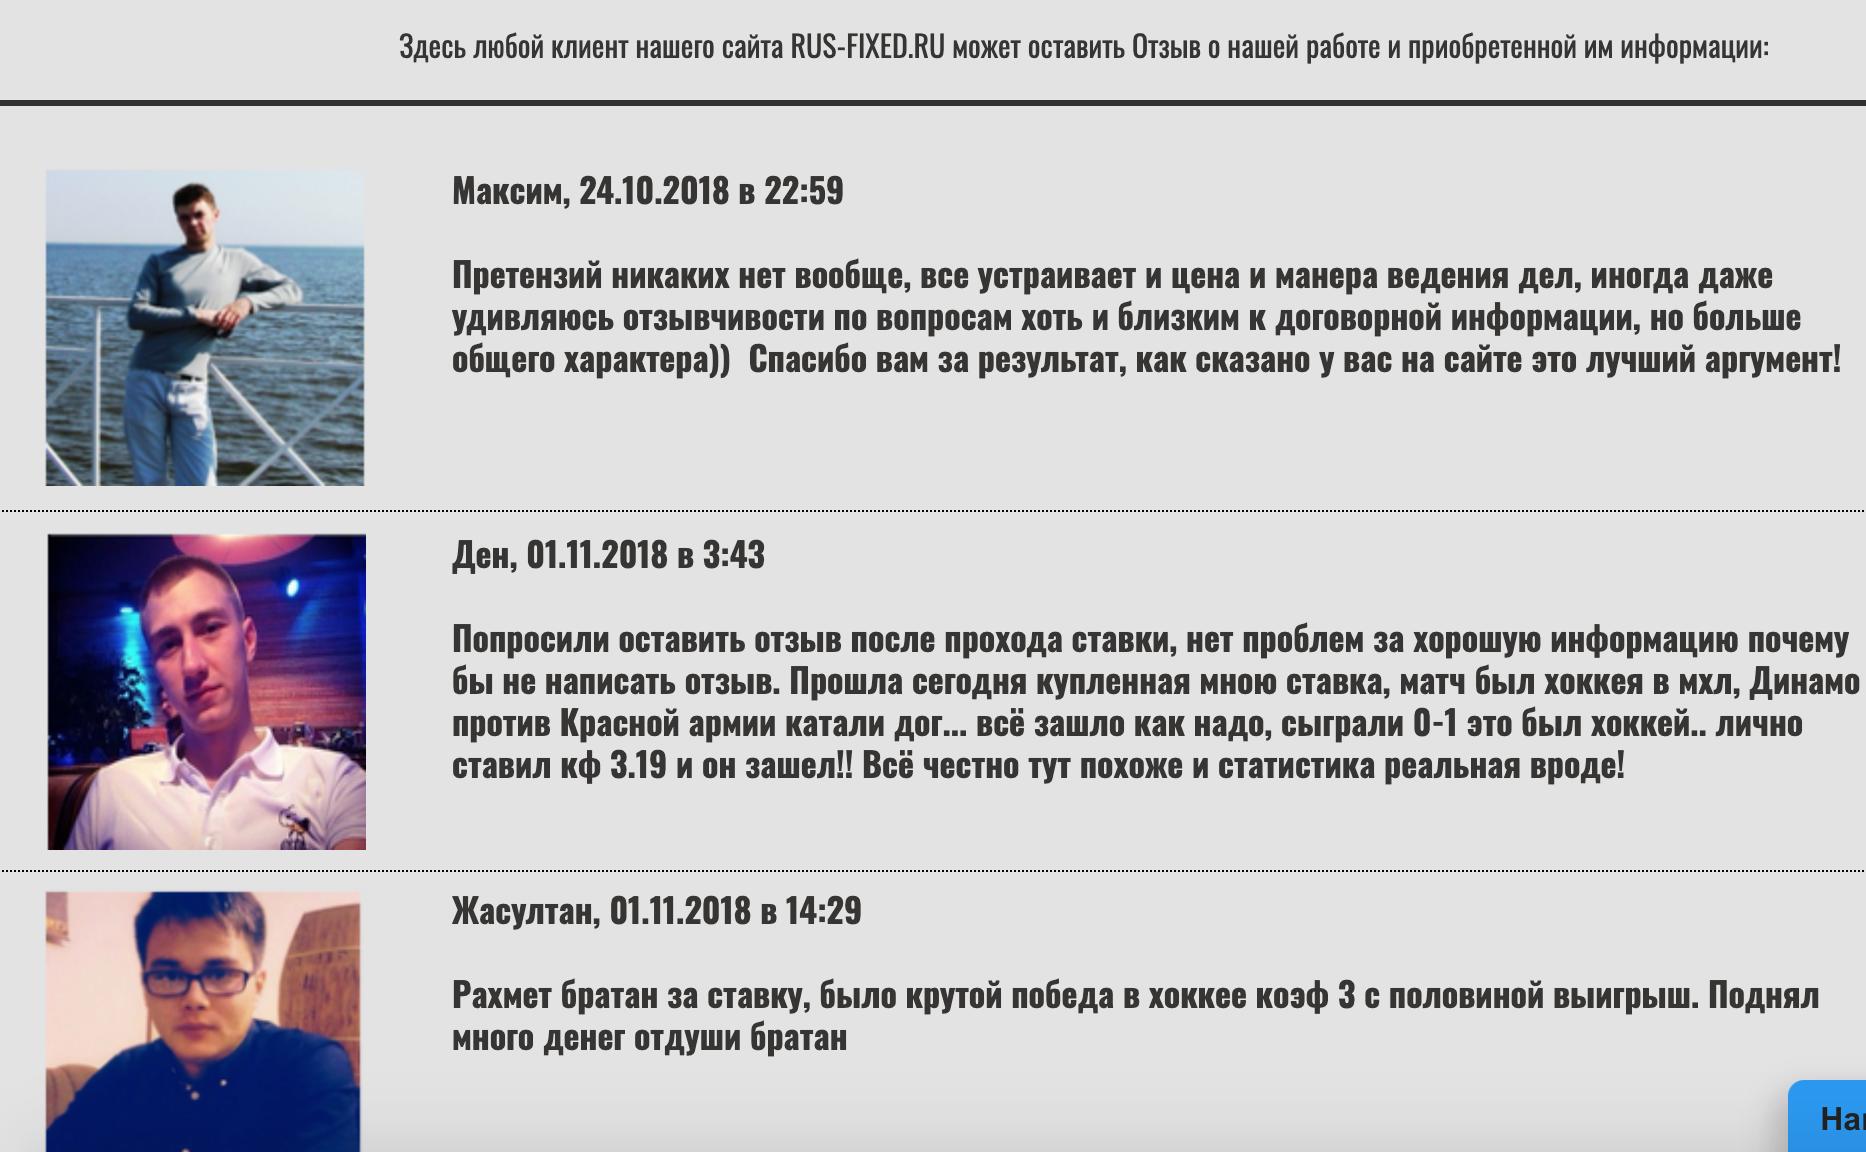 Отзывы Rus-fixed.ru